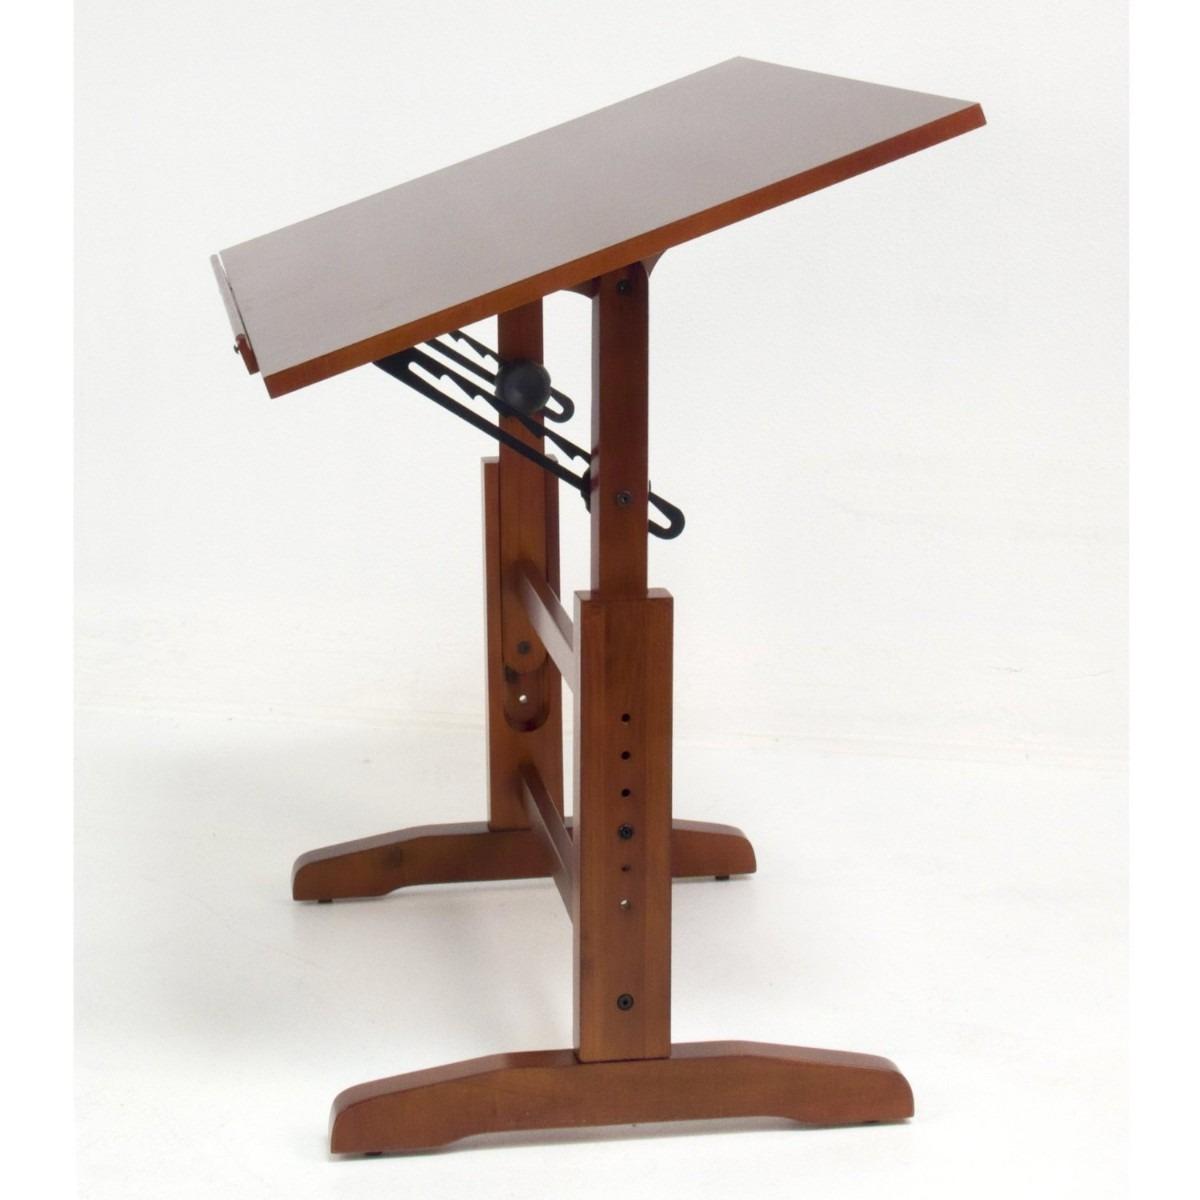 M s de 1000 ideas sobre mesa de dibujo en pinterest - Mesa de arquitecto ...